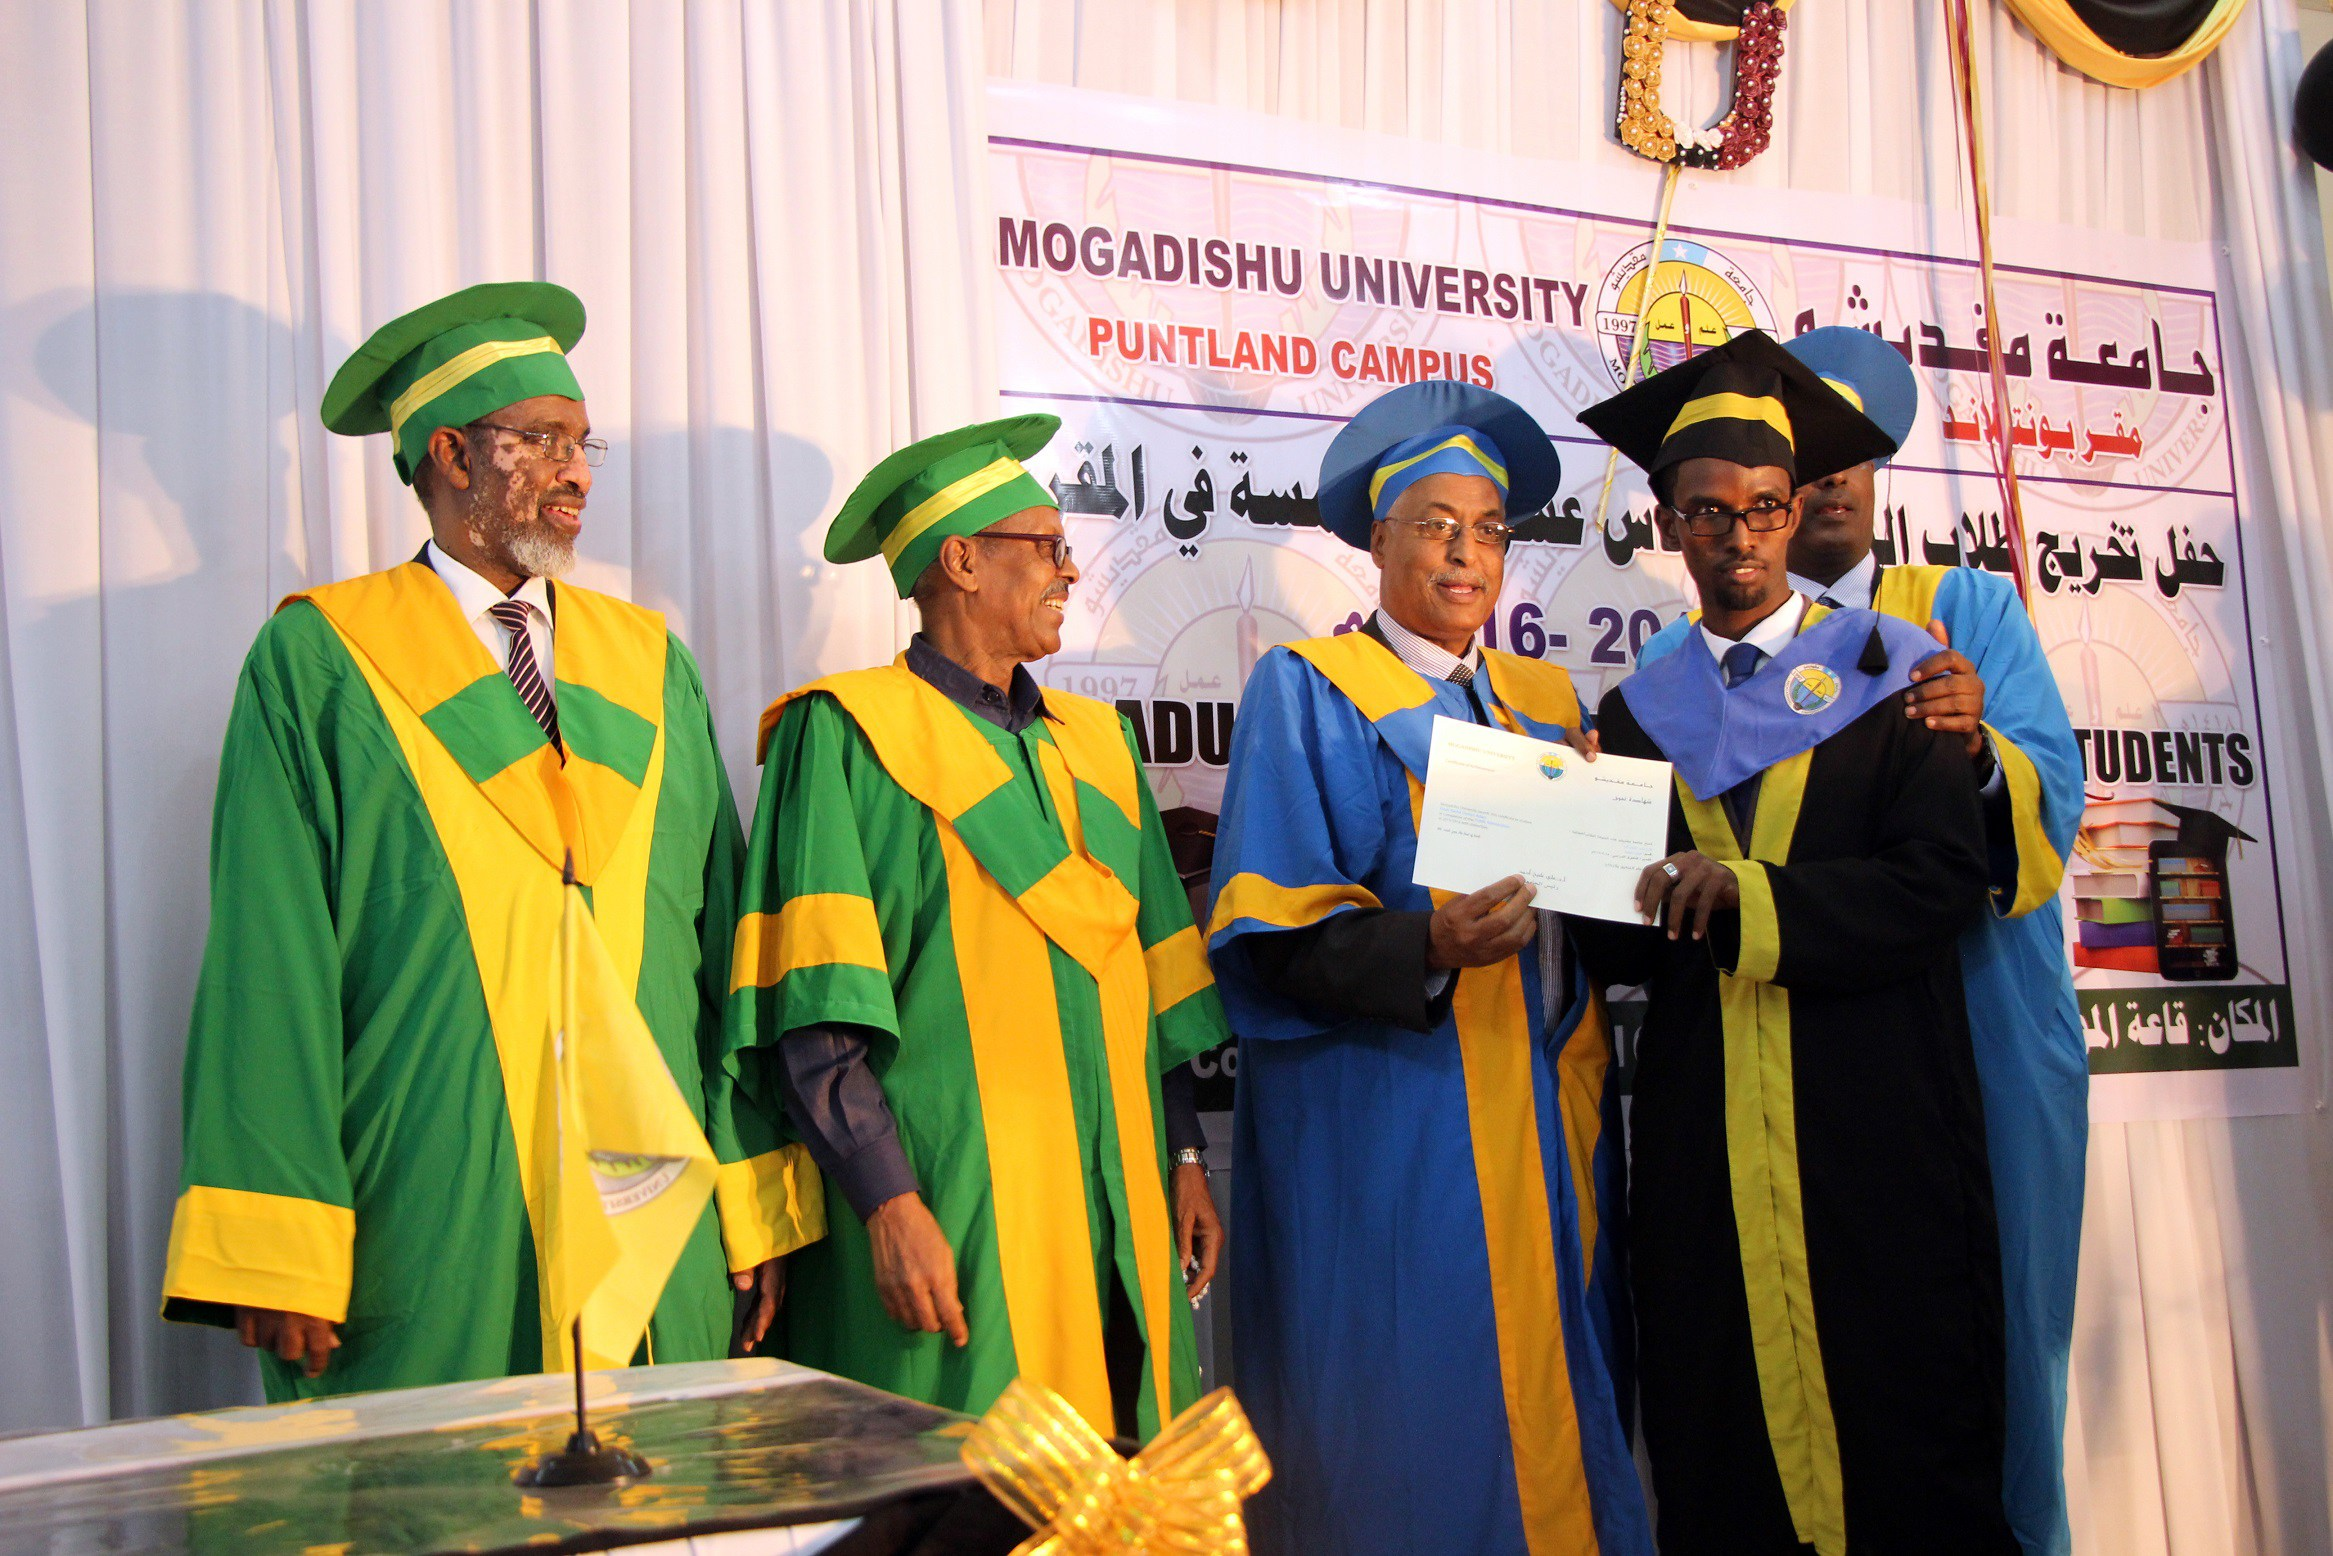 professor qaadi ahmed Ahmed abdilahi aet iyo wiilal kale, marki aanu mawduuci la noo diray rogrognay ayaan fikirka ku kala duwanaanay professor cabdisalaan yaasin oo si adag ula.